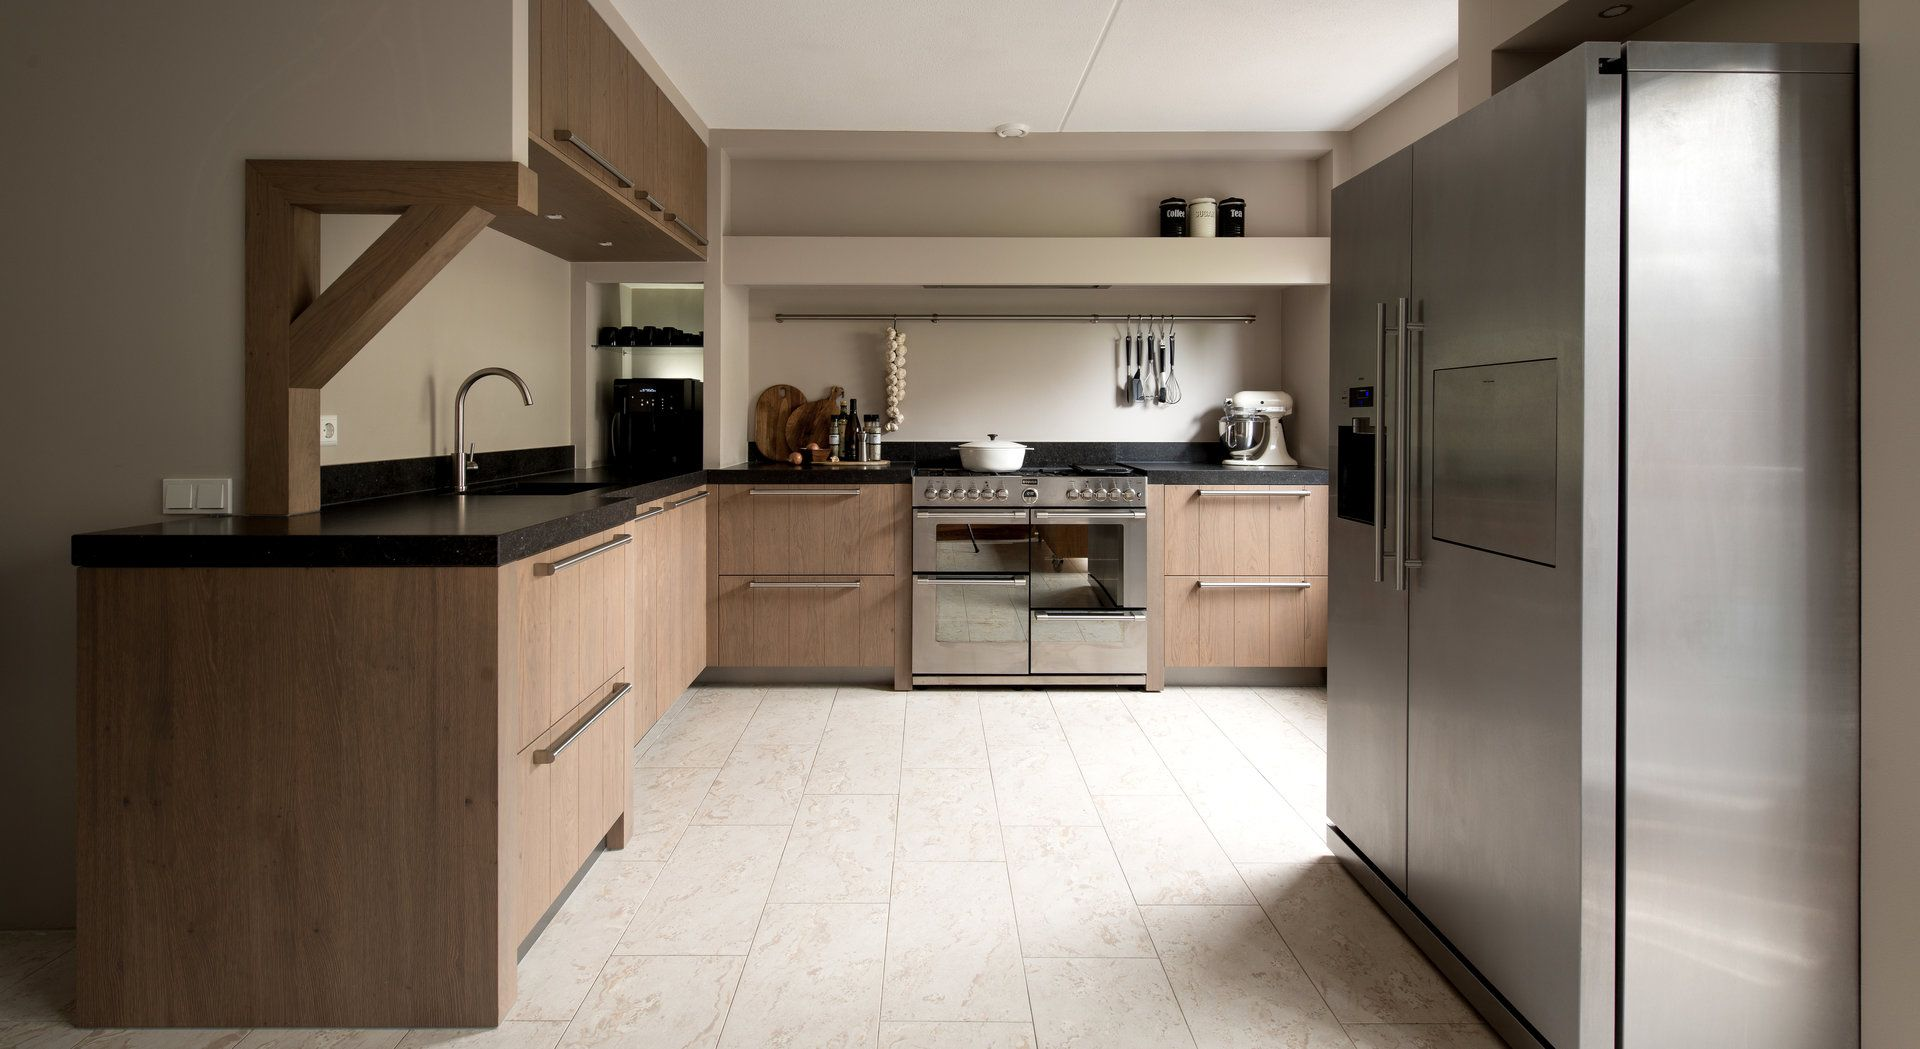 Eetkamer Keuken Open : Tips voor een landelijke keuken verhuisadvies